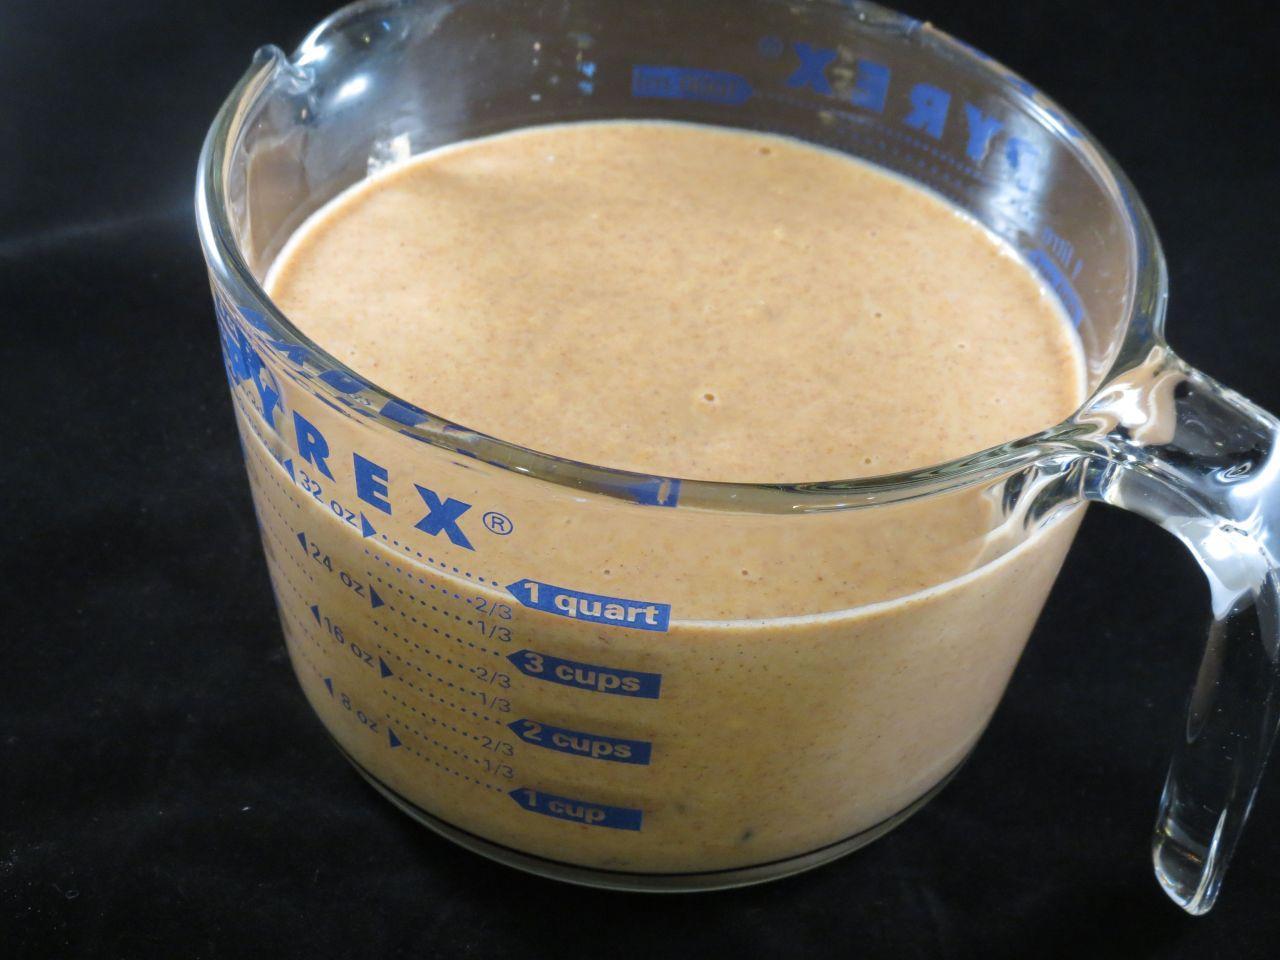 Pumpkin Chococlate Chips Pancakes final batter